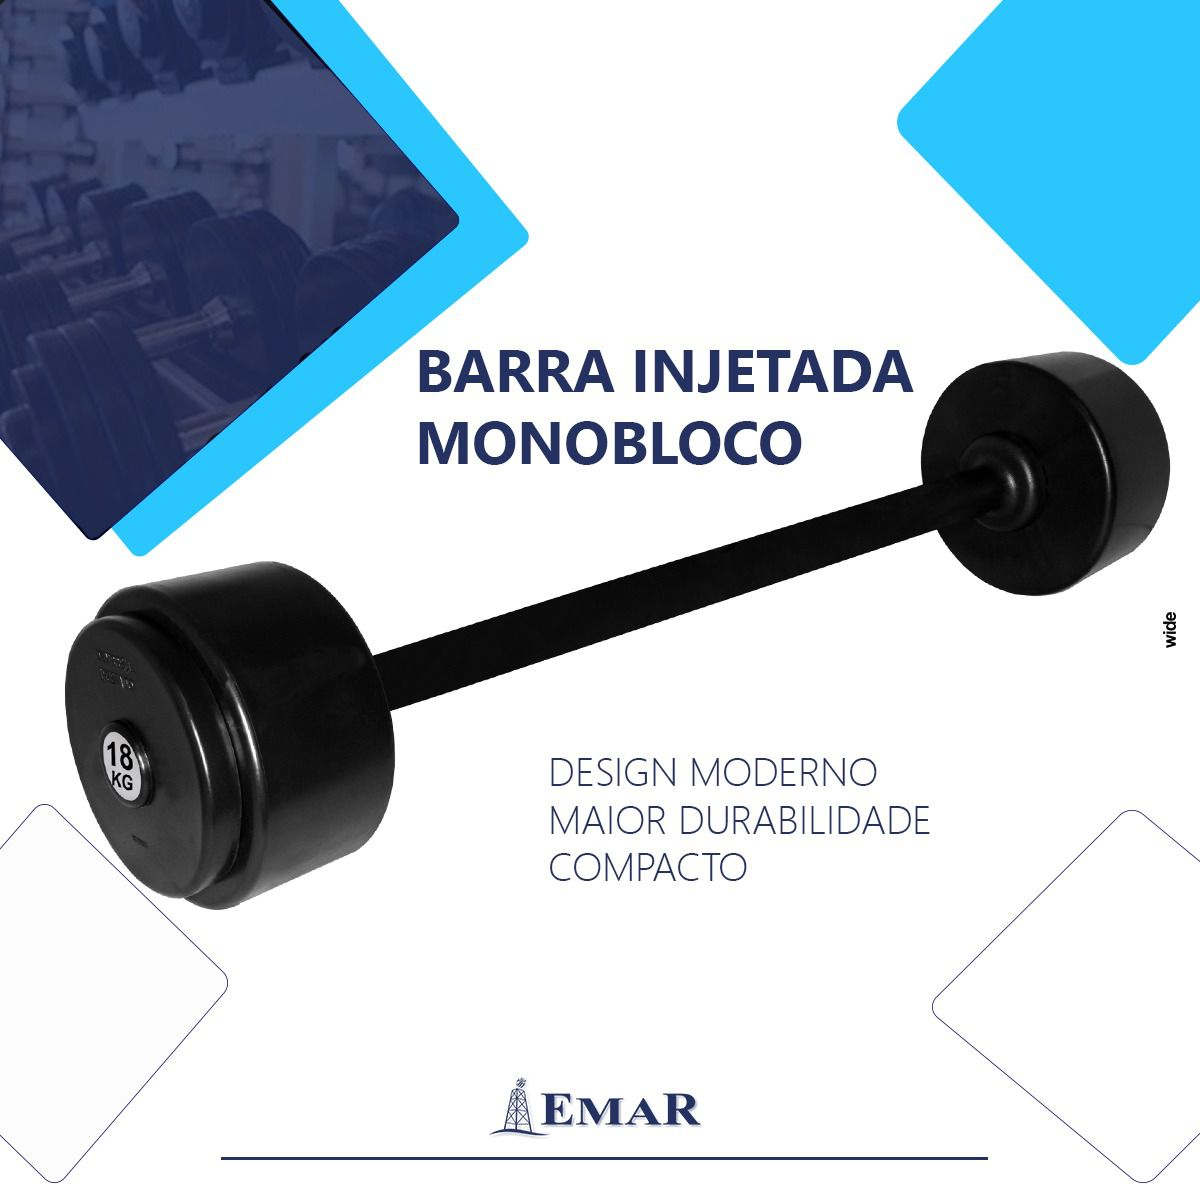 Barra Injetada Monobloco - Pegada de 700 mm  - Loja Virtual do Grupo Emar